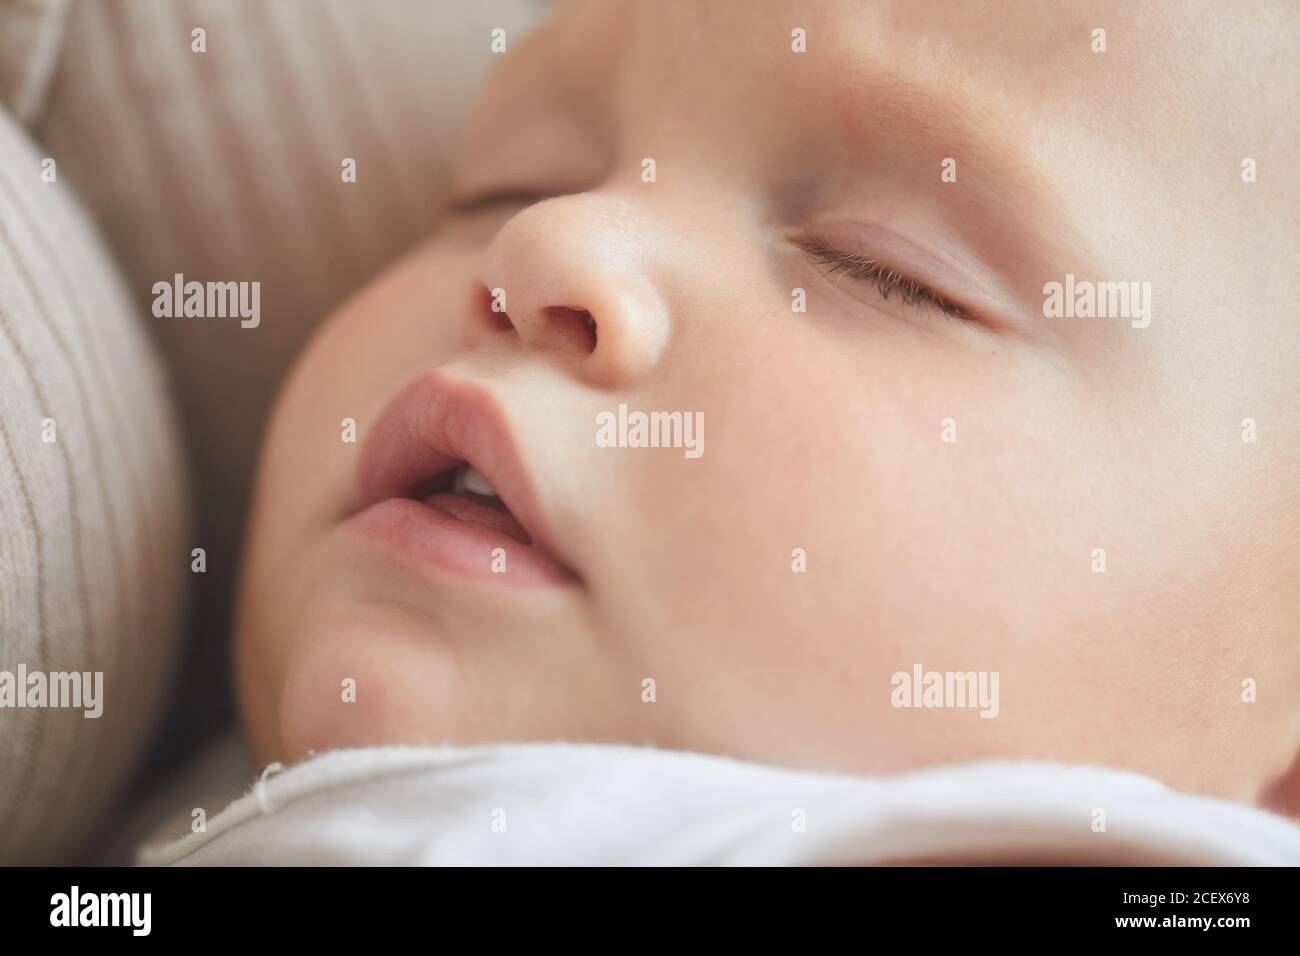 Primer plano horizontal de la cara de dormir del bebé caucásico con su boca abierta Foto de stock